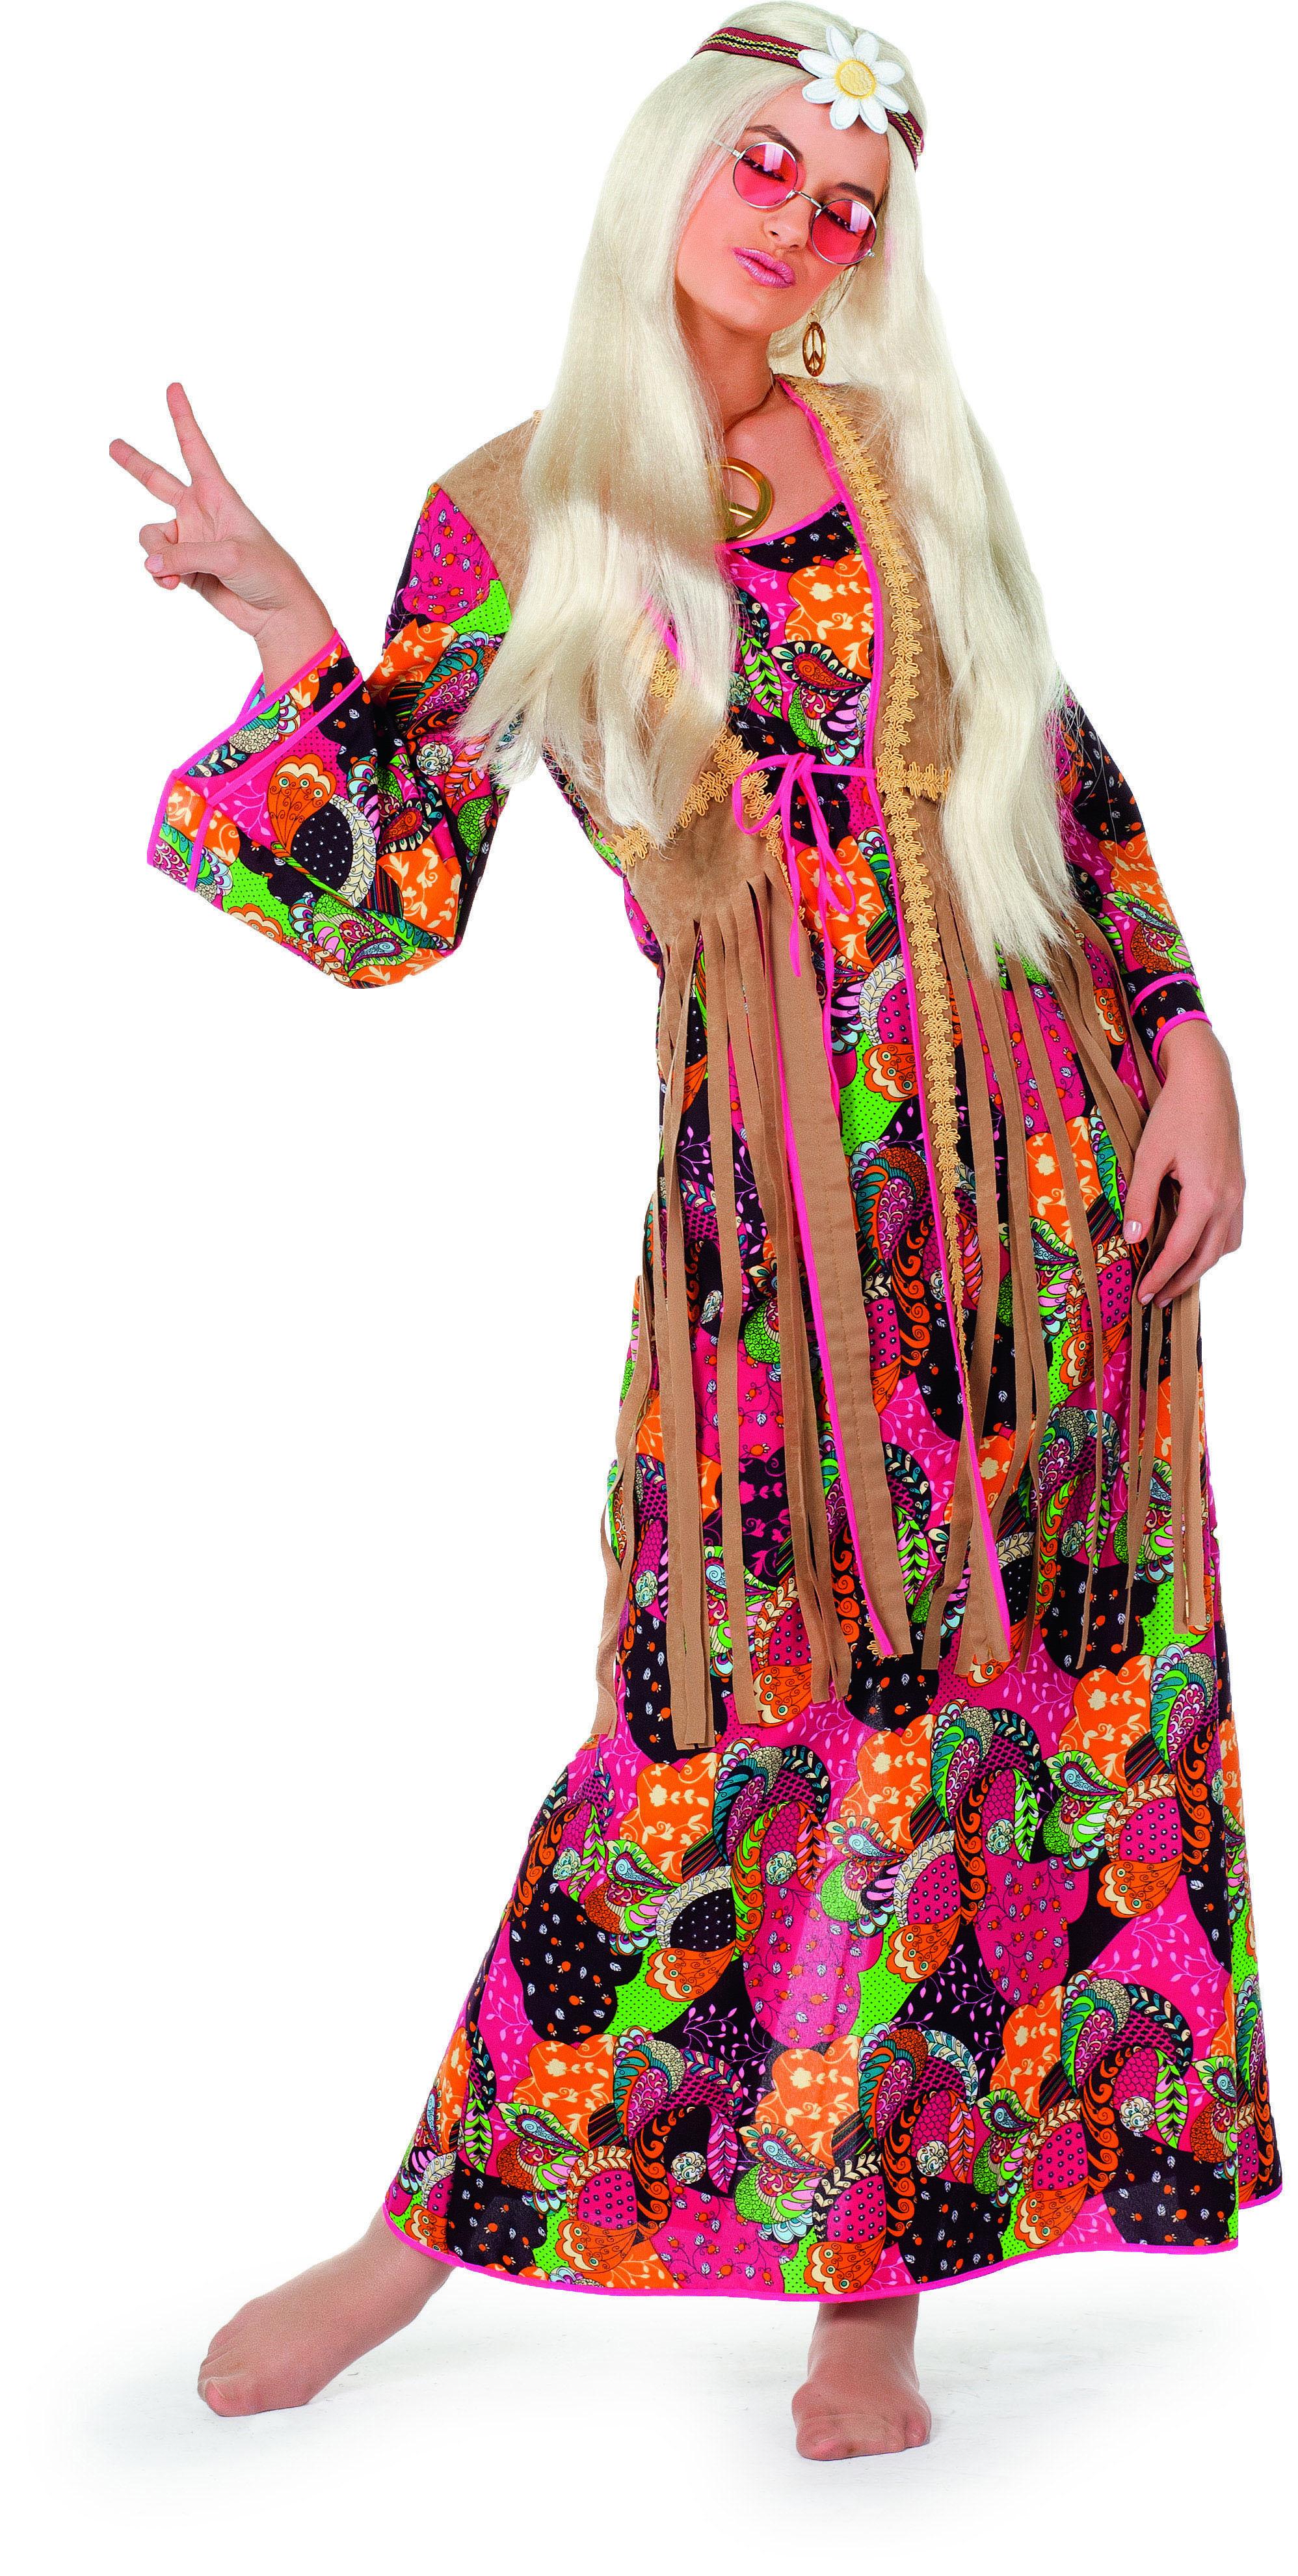 Wilbers Langes Hippie Kostum Damenkostum Gr 48 Scherzwelt